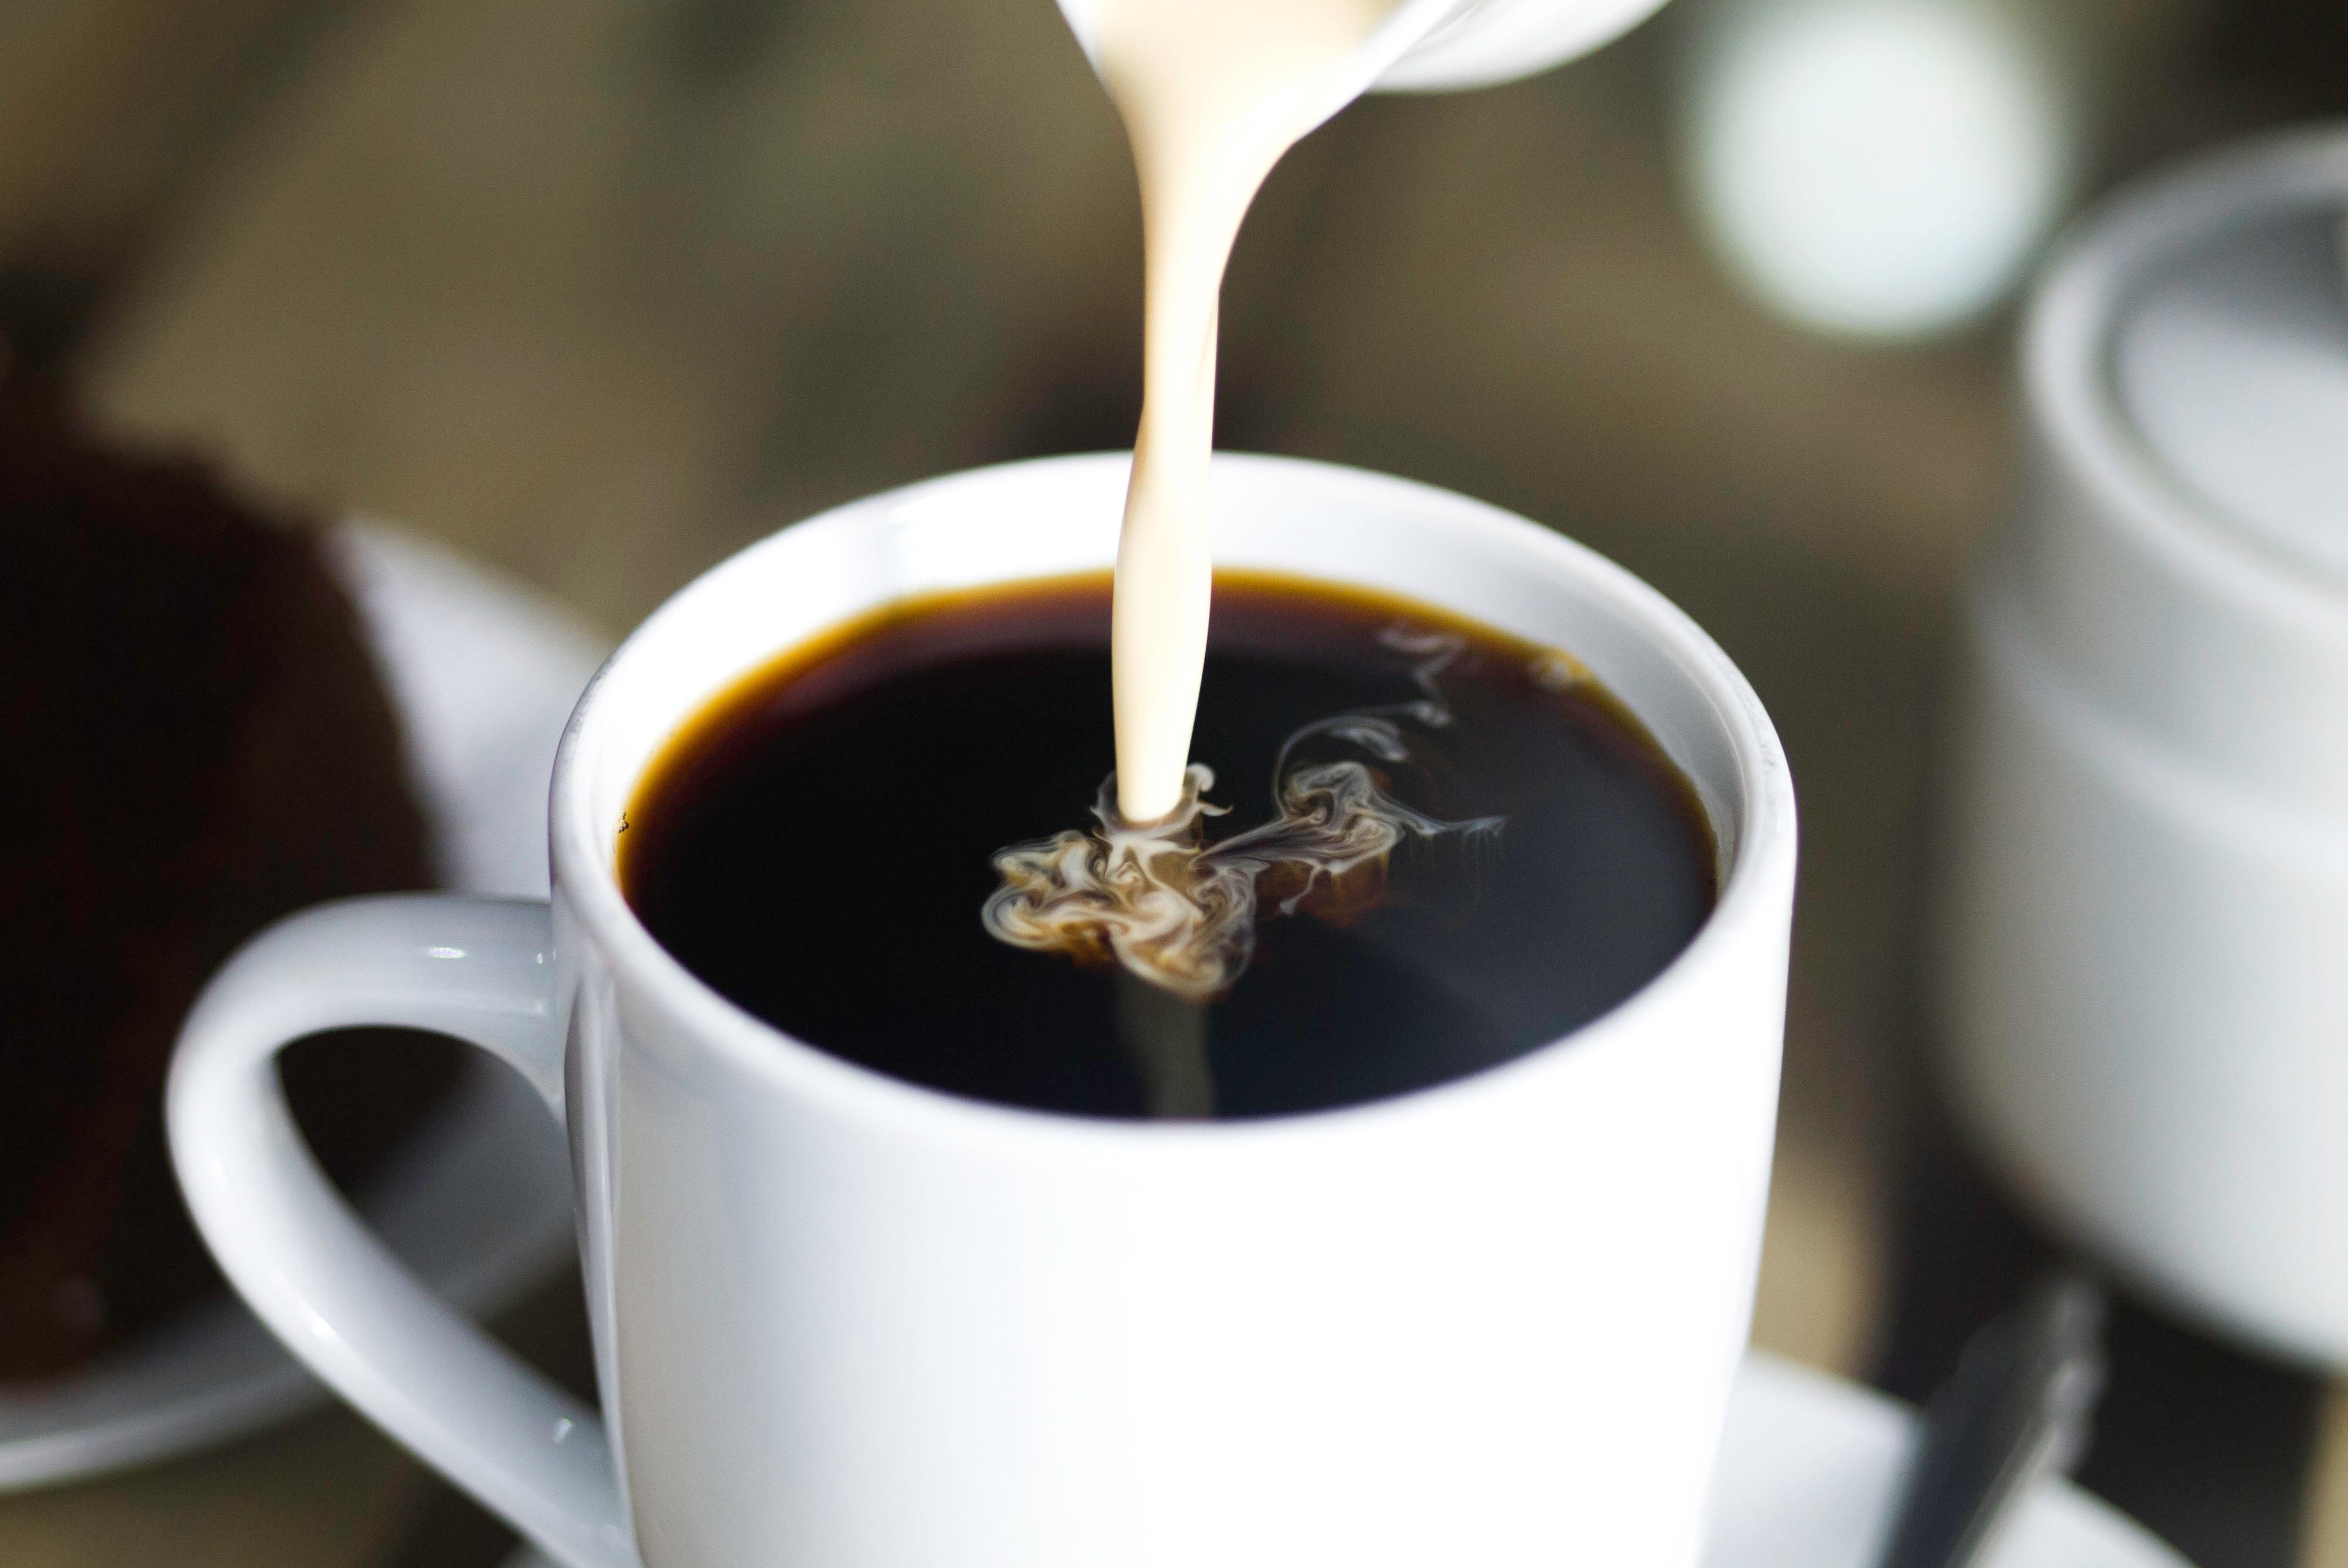 Dejar de tomar café con leche fuera de casa podría significar casi $50,000 pesos más en tu bolsillo en 5 años